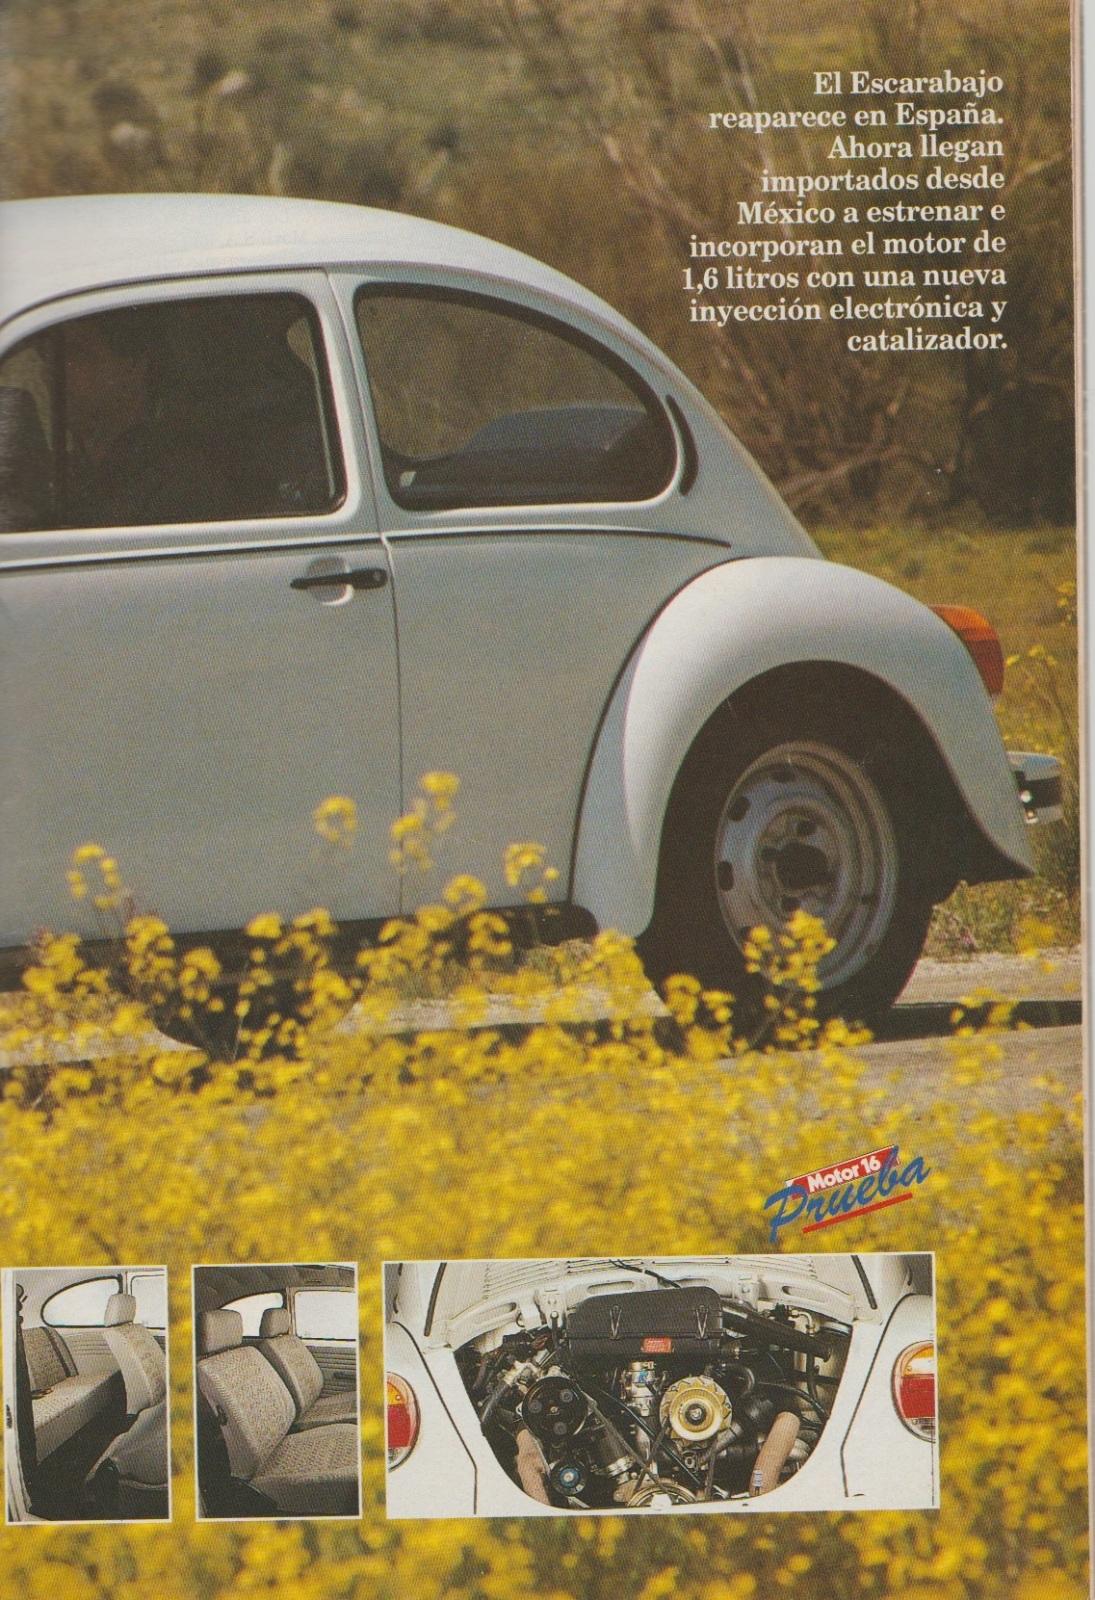 Prueba del Escarabajo 1600i por Motor 16 (1996) 2zywmc2